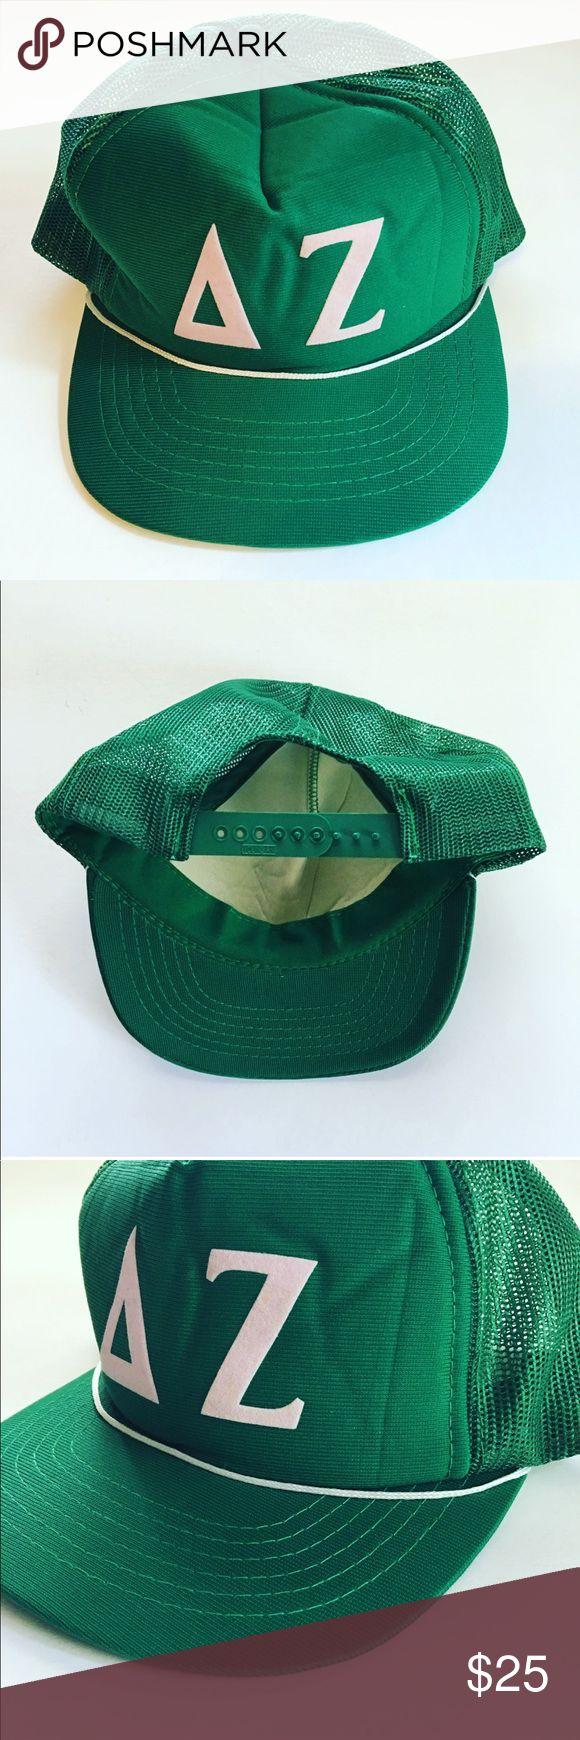 ΔΖ Vintage Delta Zeta Trucker Hat ΔΖ Vintage Delta Zeta Trucker Hat ⚡︎ DETAILS:  ⌁ BRAND: ✘  ⌁  FEATURES: 5 panel cap; seamless foam front panel with lining; mesh back panels; delta/zeta letters are made of felt fabric; 6 rows of stitching on visor; white color braid; plastic adjustable snap;  ⌁ SIZE: one size (plastic adjustable snap) ⌁ COLOR: green / powder pink letters ⌁ CONDITION: excellent  ⌁ CONTENT: ✘  ⌁ CARE: ✘  ✘ no trades, no PayPal ✘ Vintage Accessories Hats